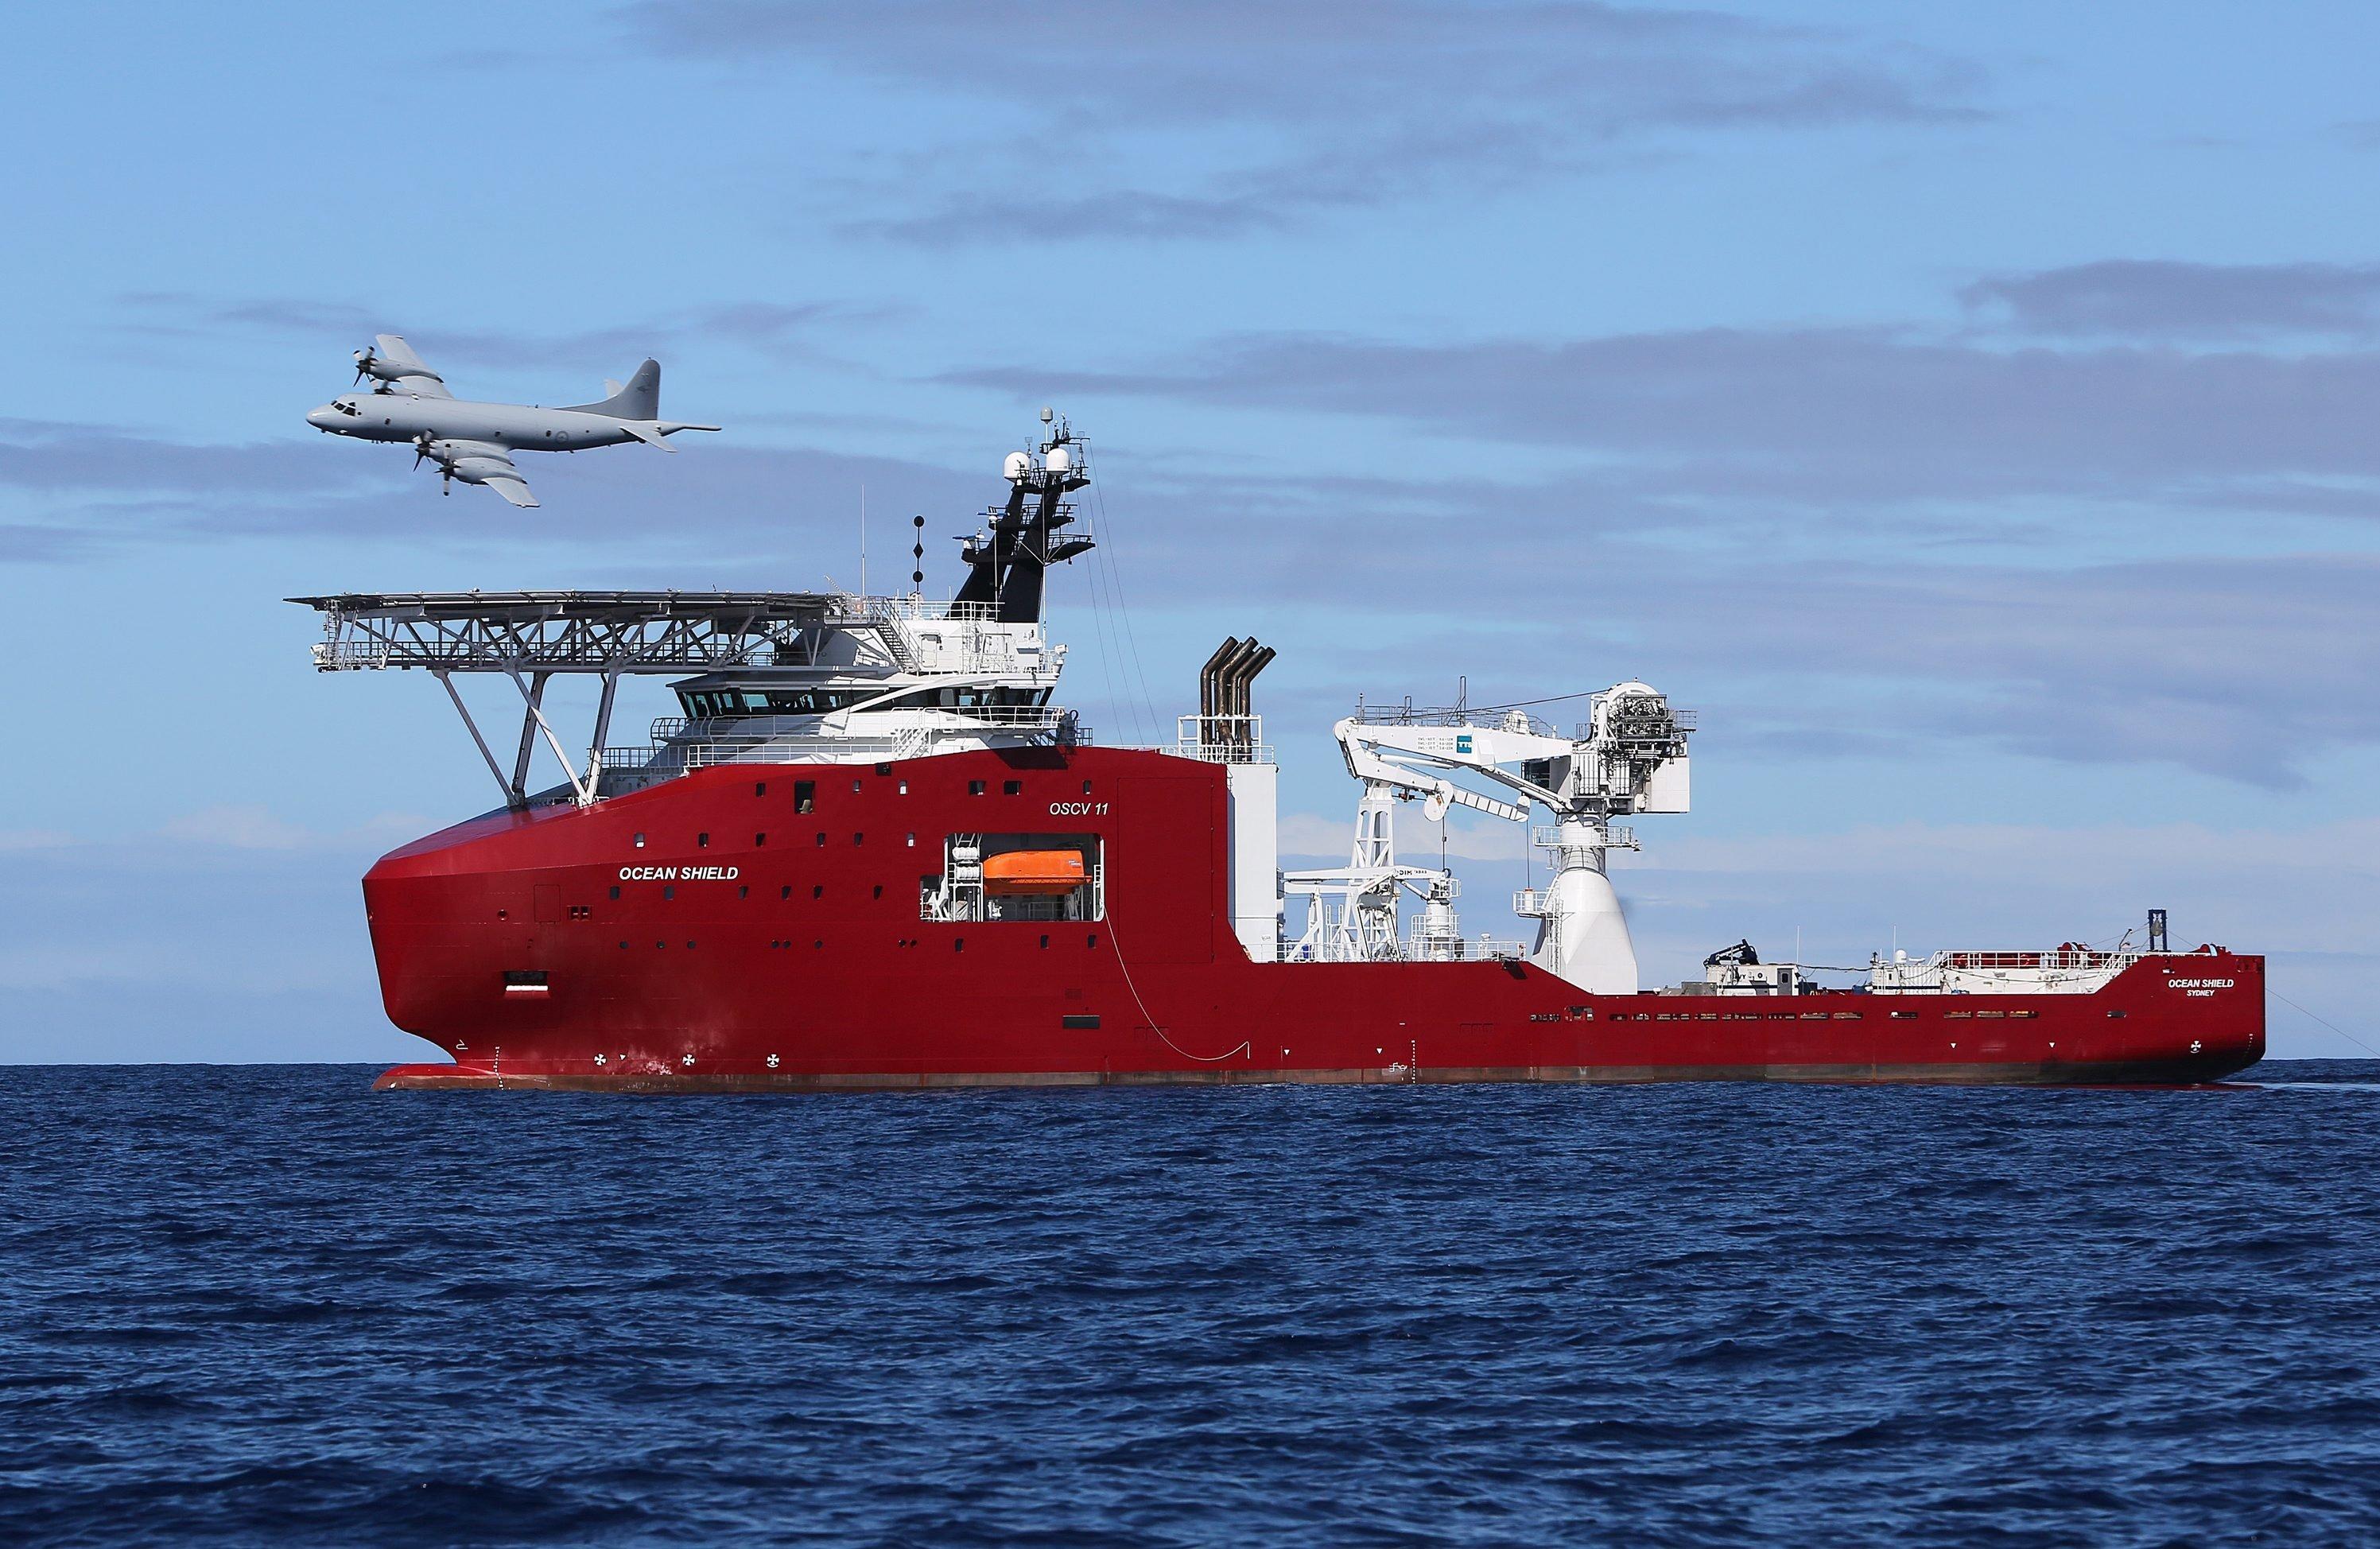 Suchpatrouille der australischen Marine nach dem vermissten Flug MH370: Die Hoffnung, den Flugschreiber zu finden, hat sich bislang zerschlagen.